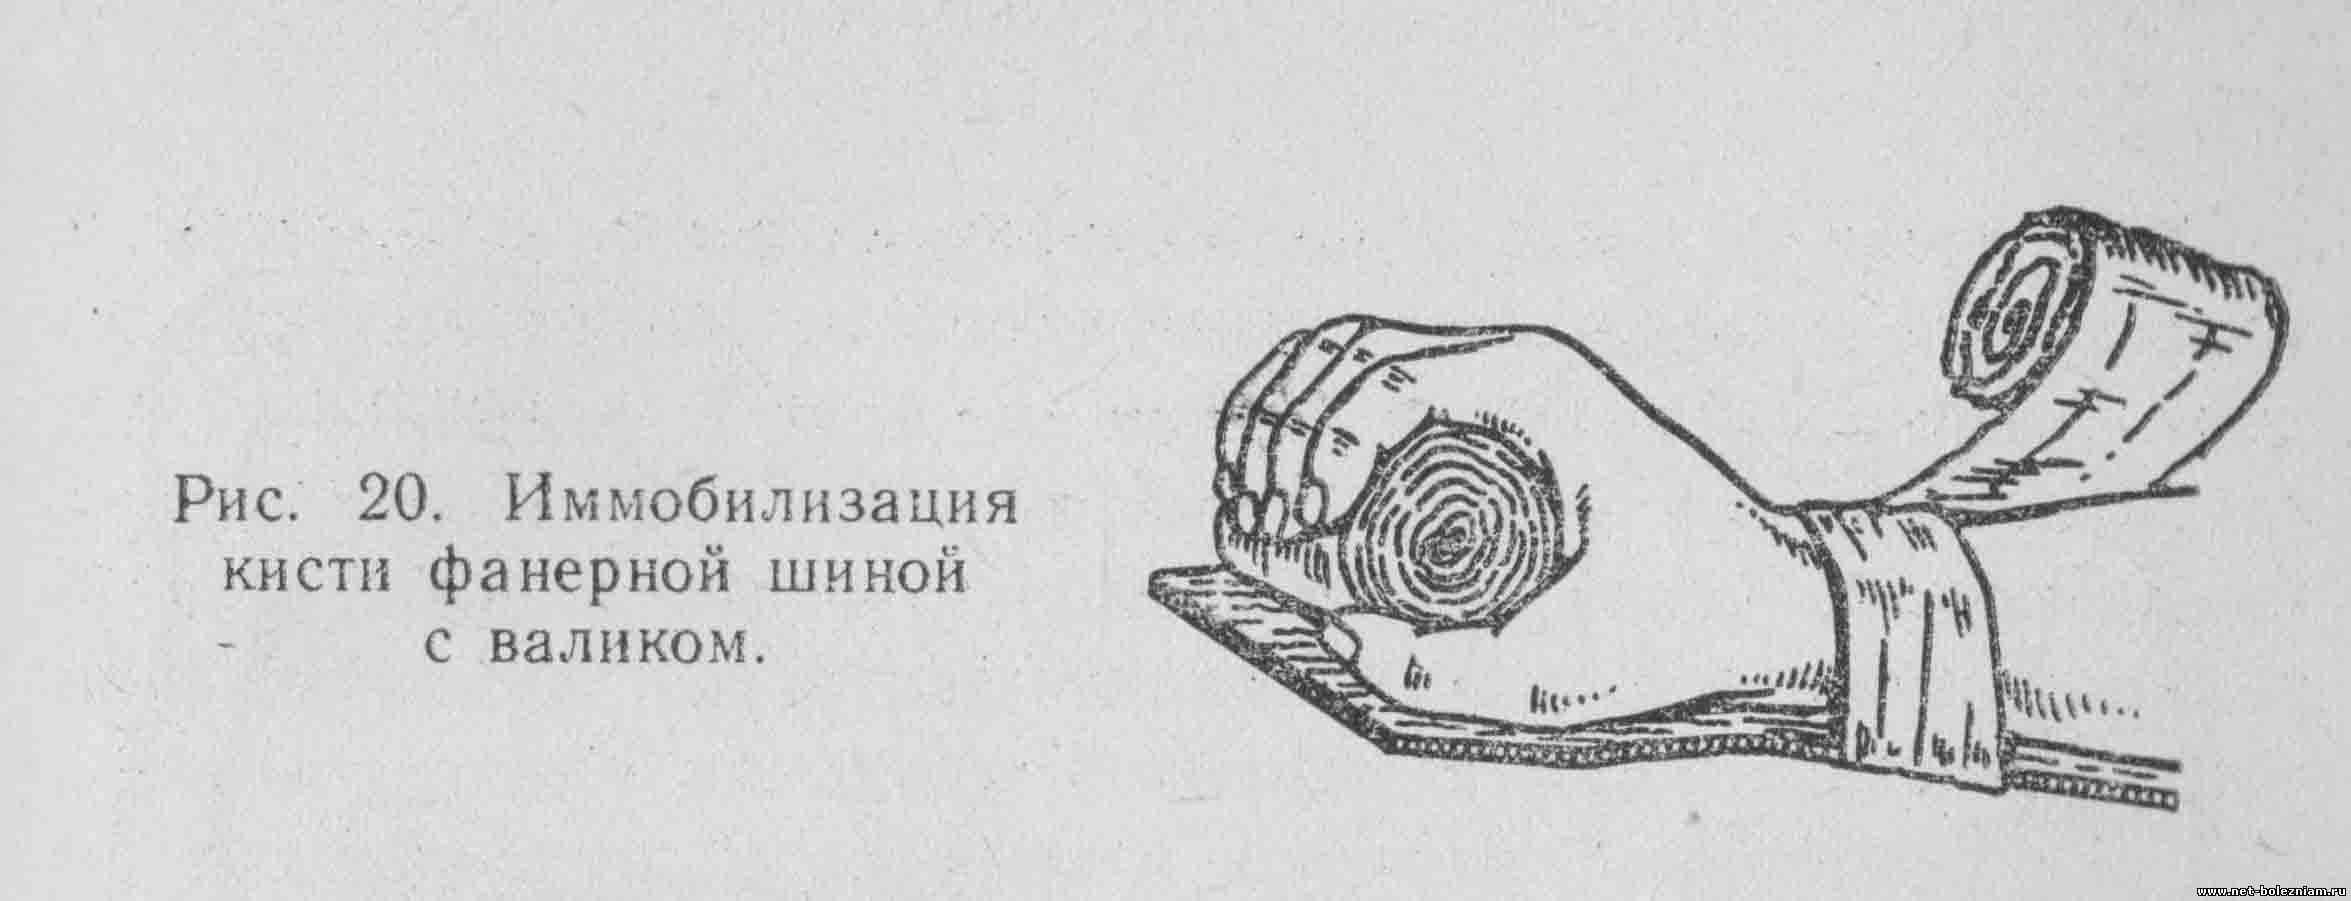 Иммобилизация кисти фанерной шиной с валиком